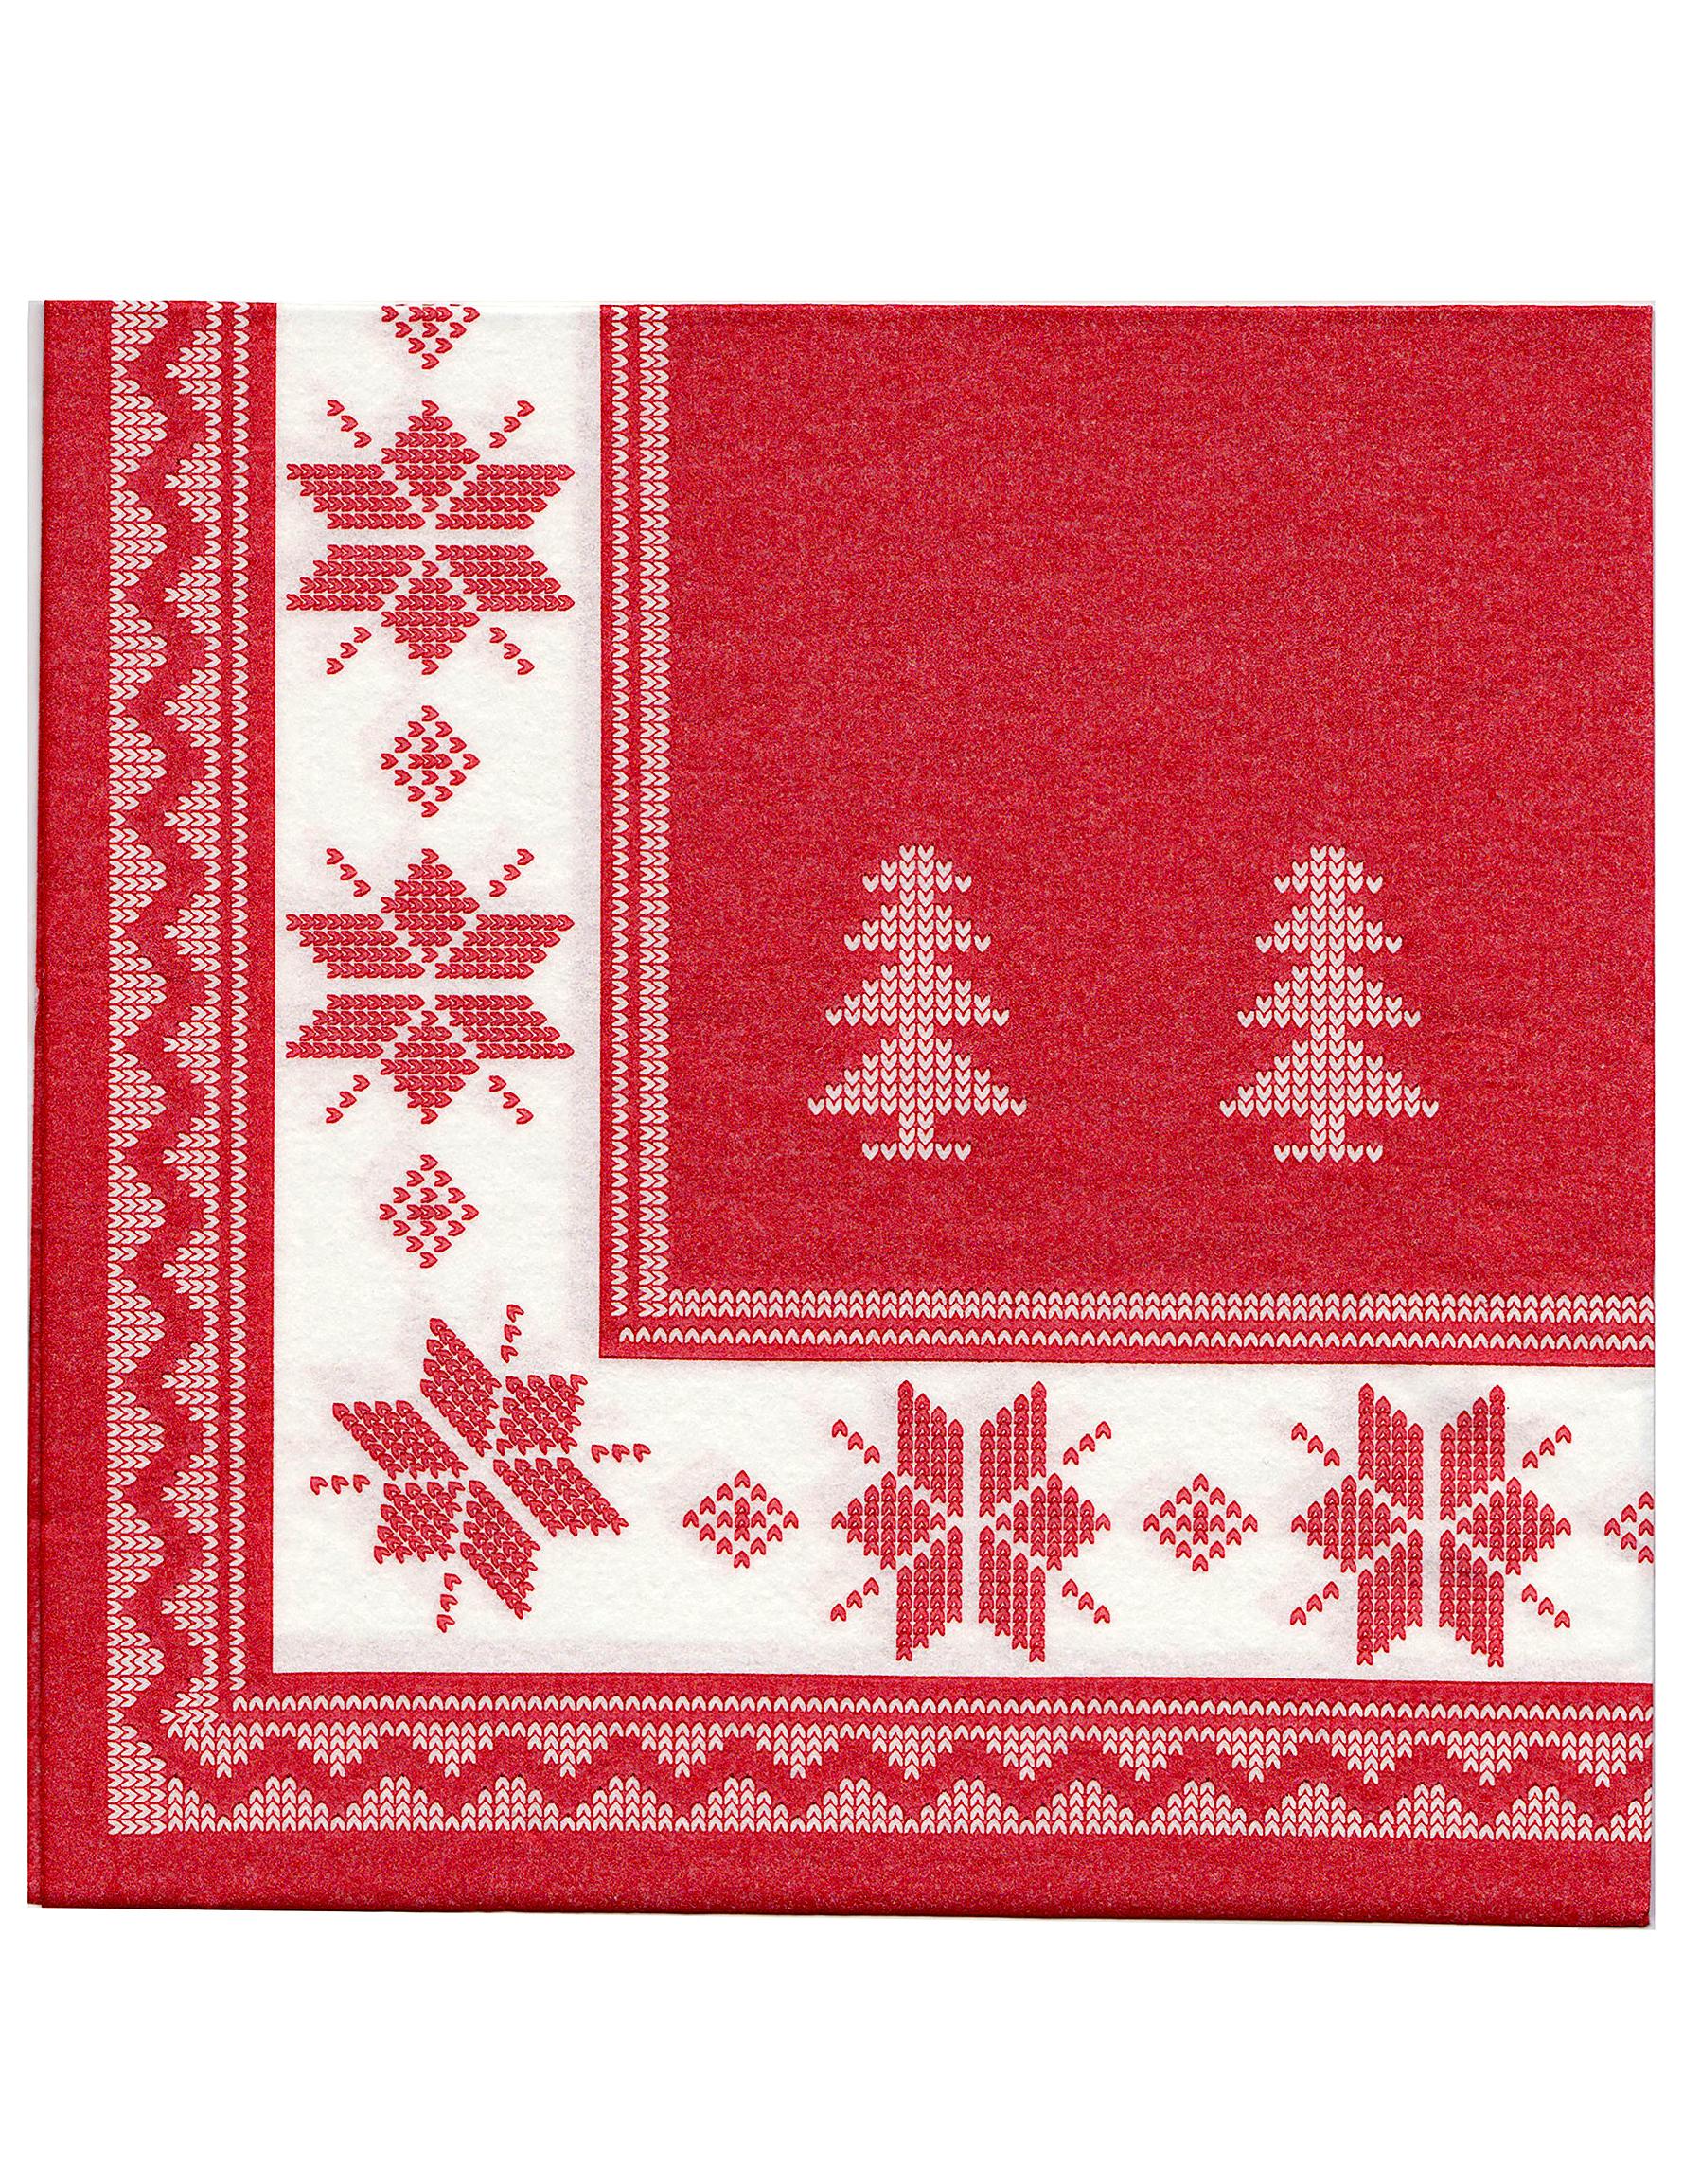 12 weihnachten papier servietten rot wei 40 x 40 cm. Black Bedroom Furniture Sets. Home Design Ideas